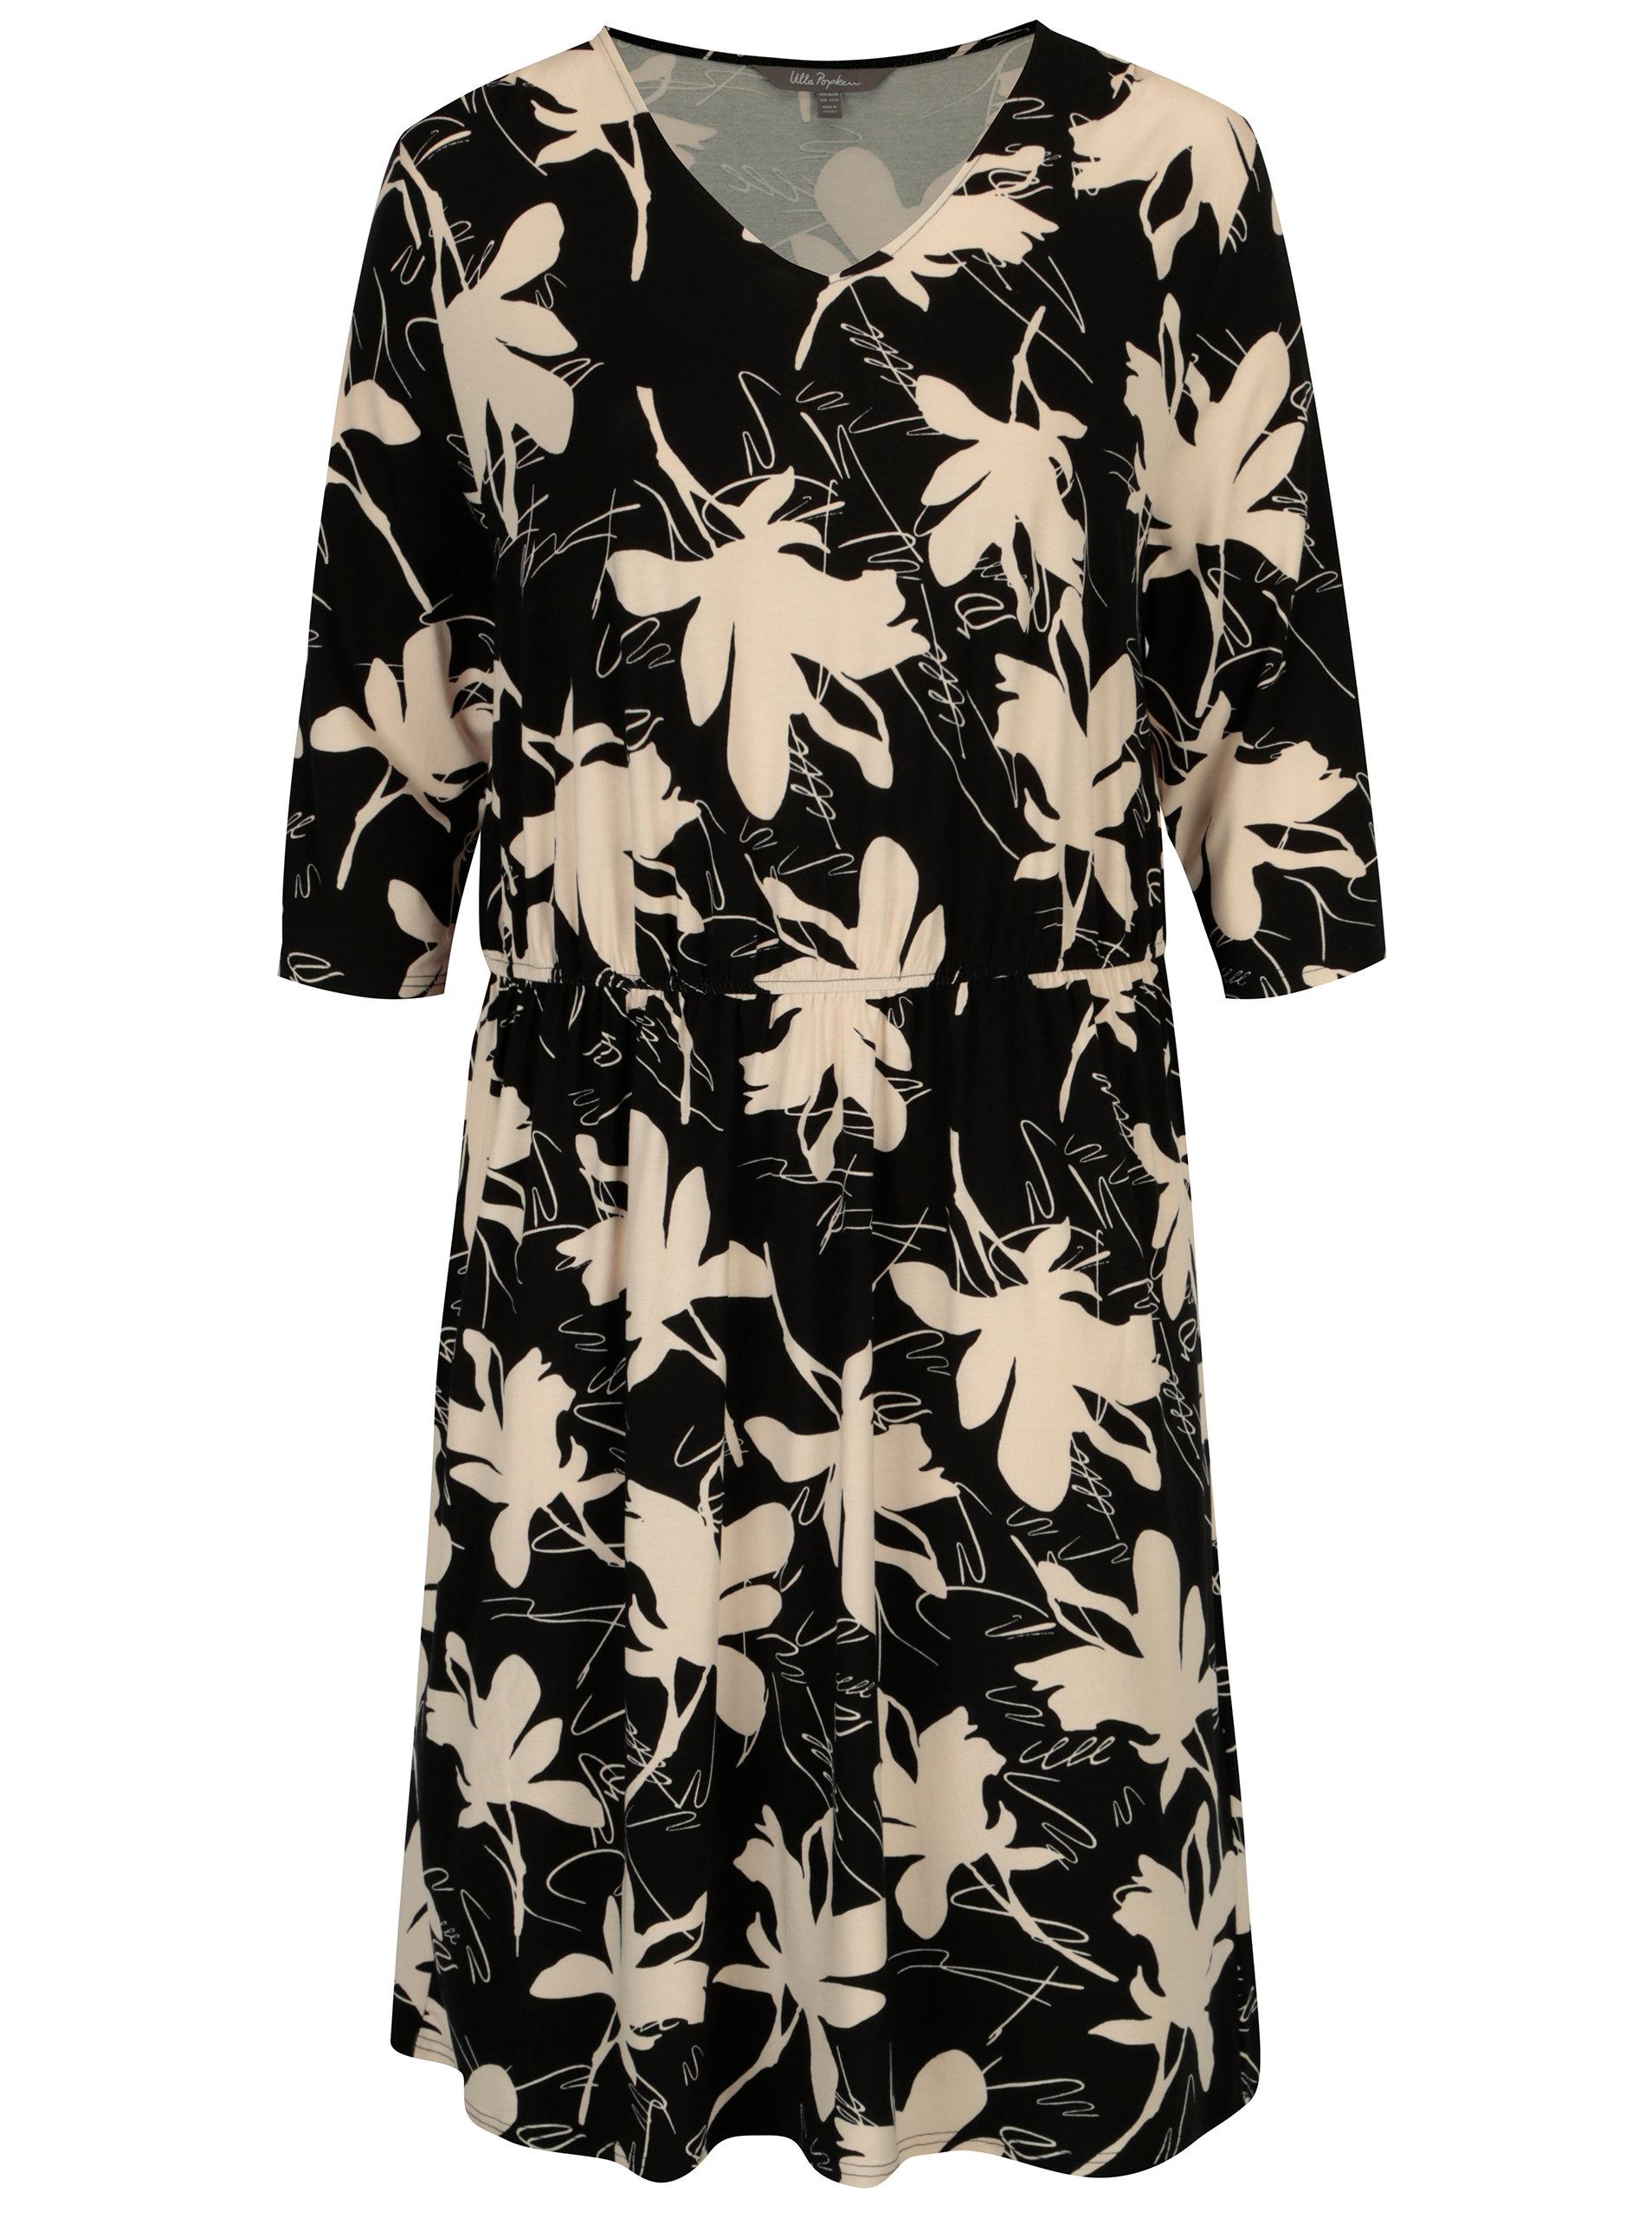 5e5a5869bb88 Černé květované šaty s 3 4 rukávem Ulla Popken ...